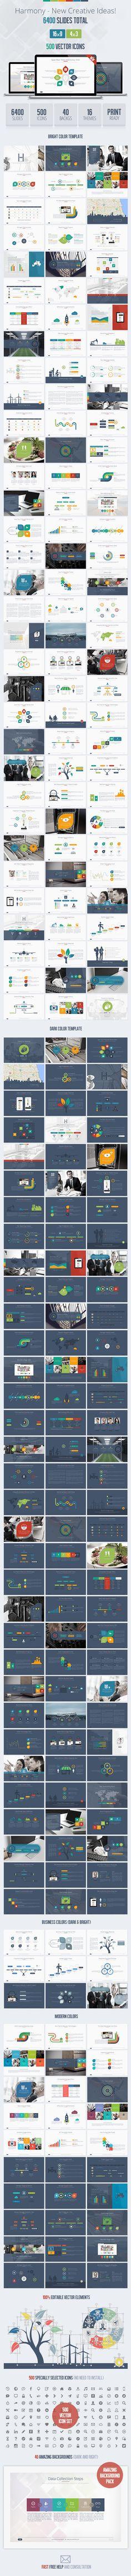 Harmony Google Slides Presentation Template #design #slides Download: http://graphicriver.net/item/harmony-google-slides-presentation-template/12893454?ref=ksioks